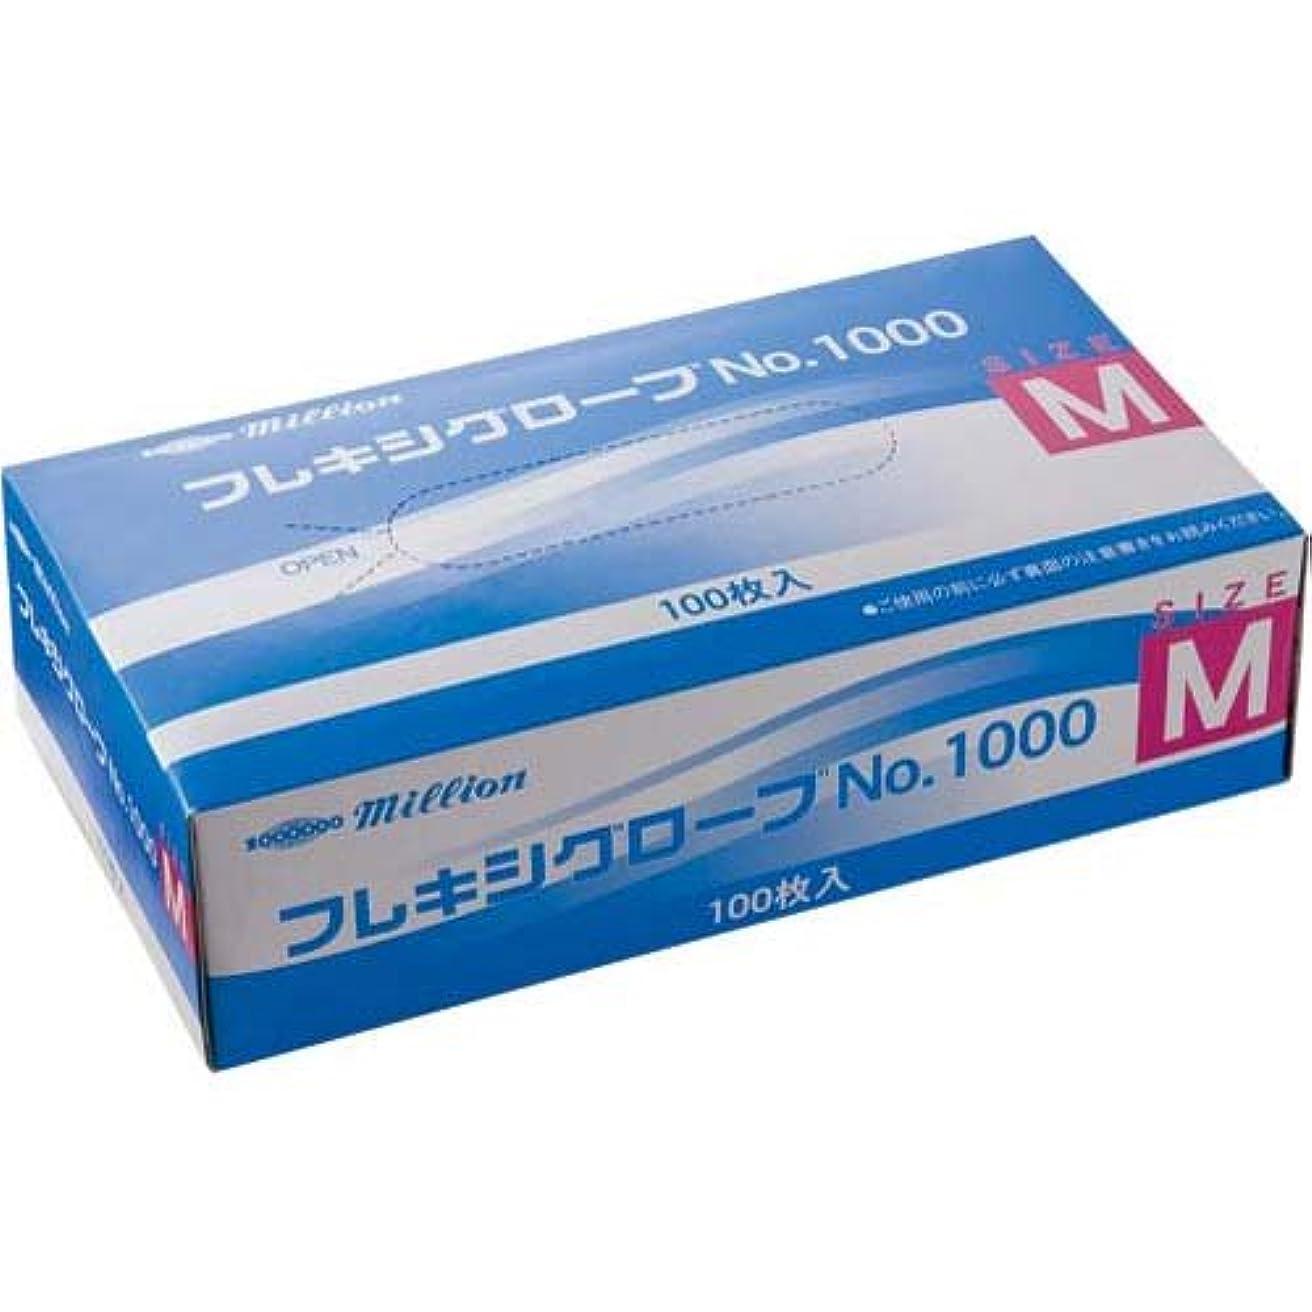 司教緊急粘液共和 プラスチック手袋 粉付 No.1000 M 10箱